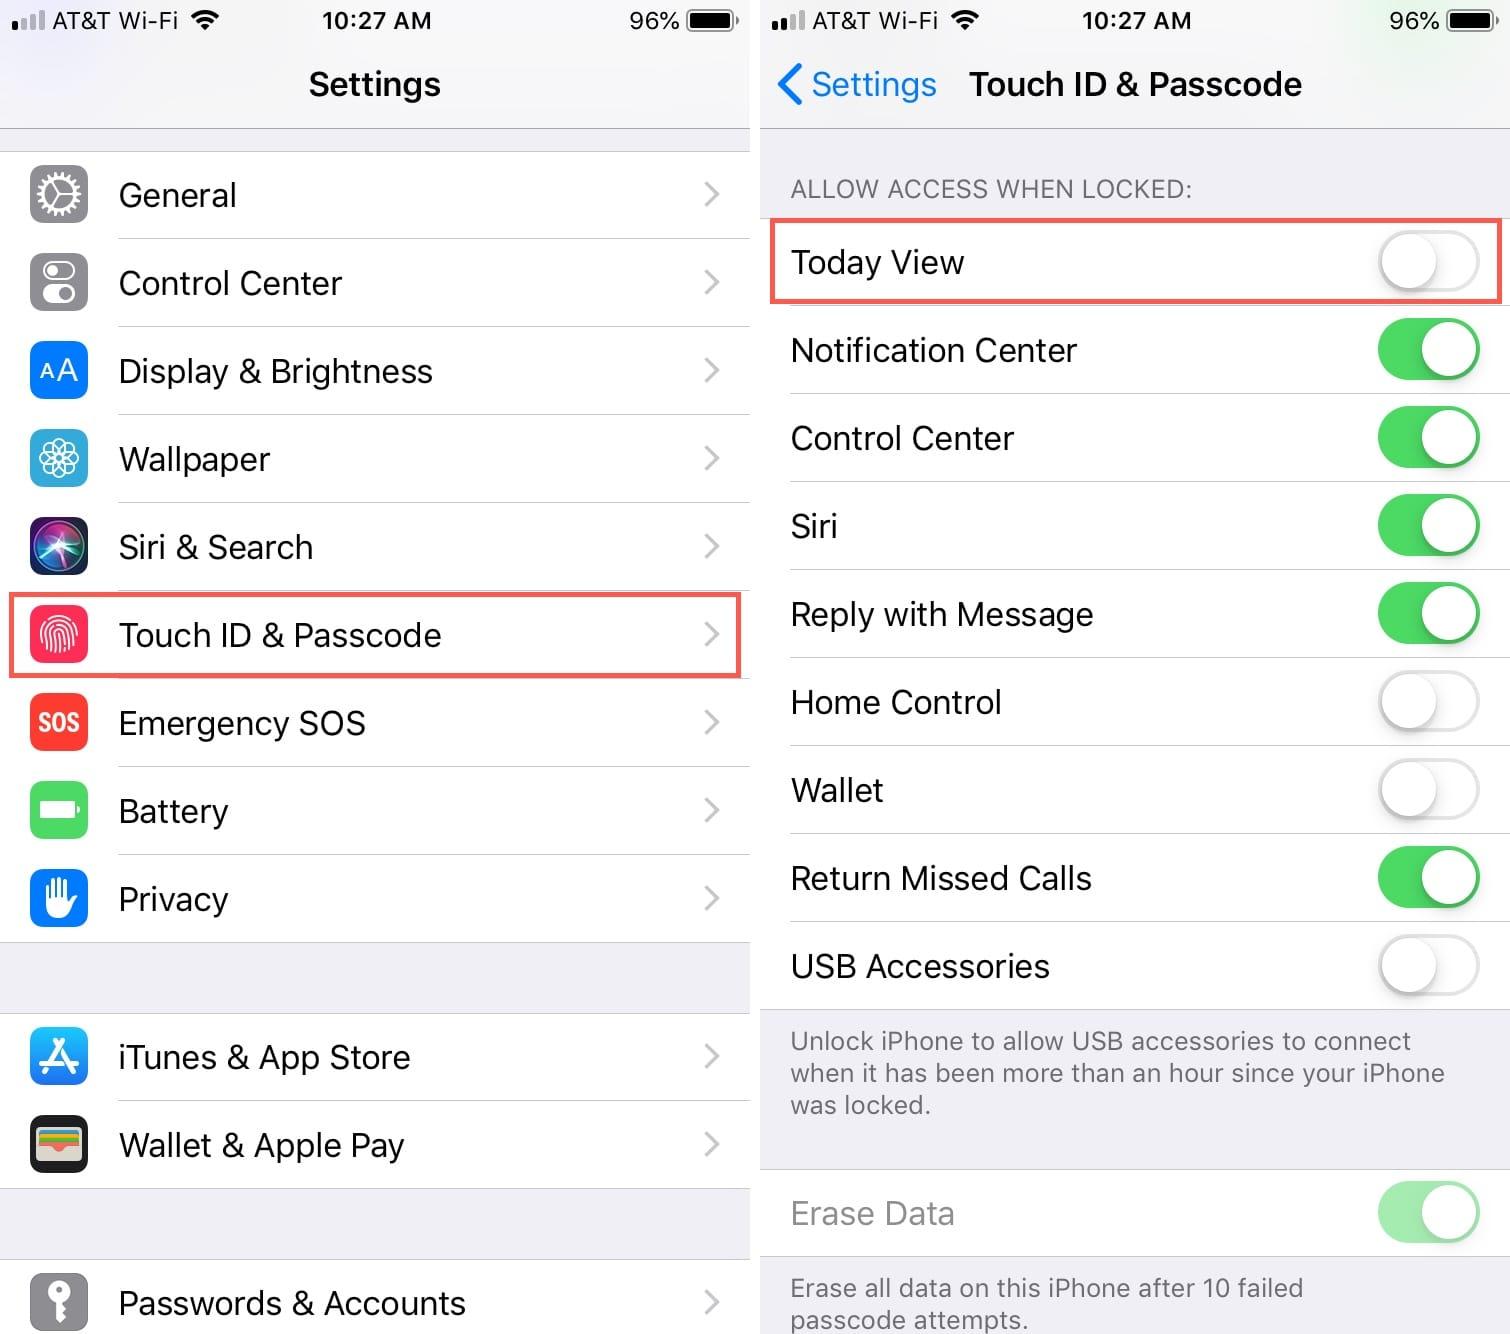 Deshabilitar la vista de hoy en la pantalla de bloqueo del iPhone